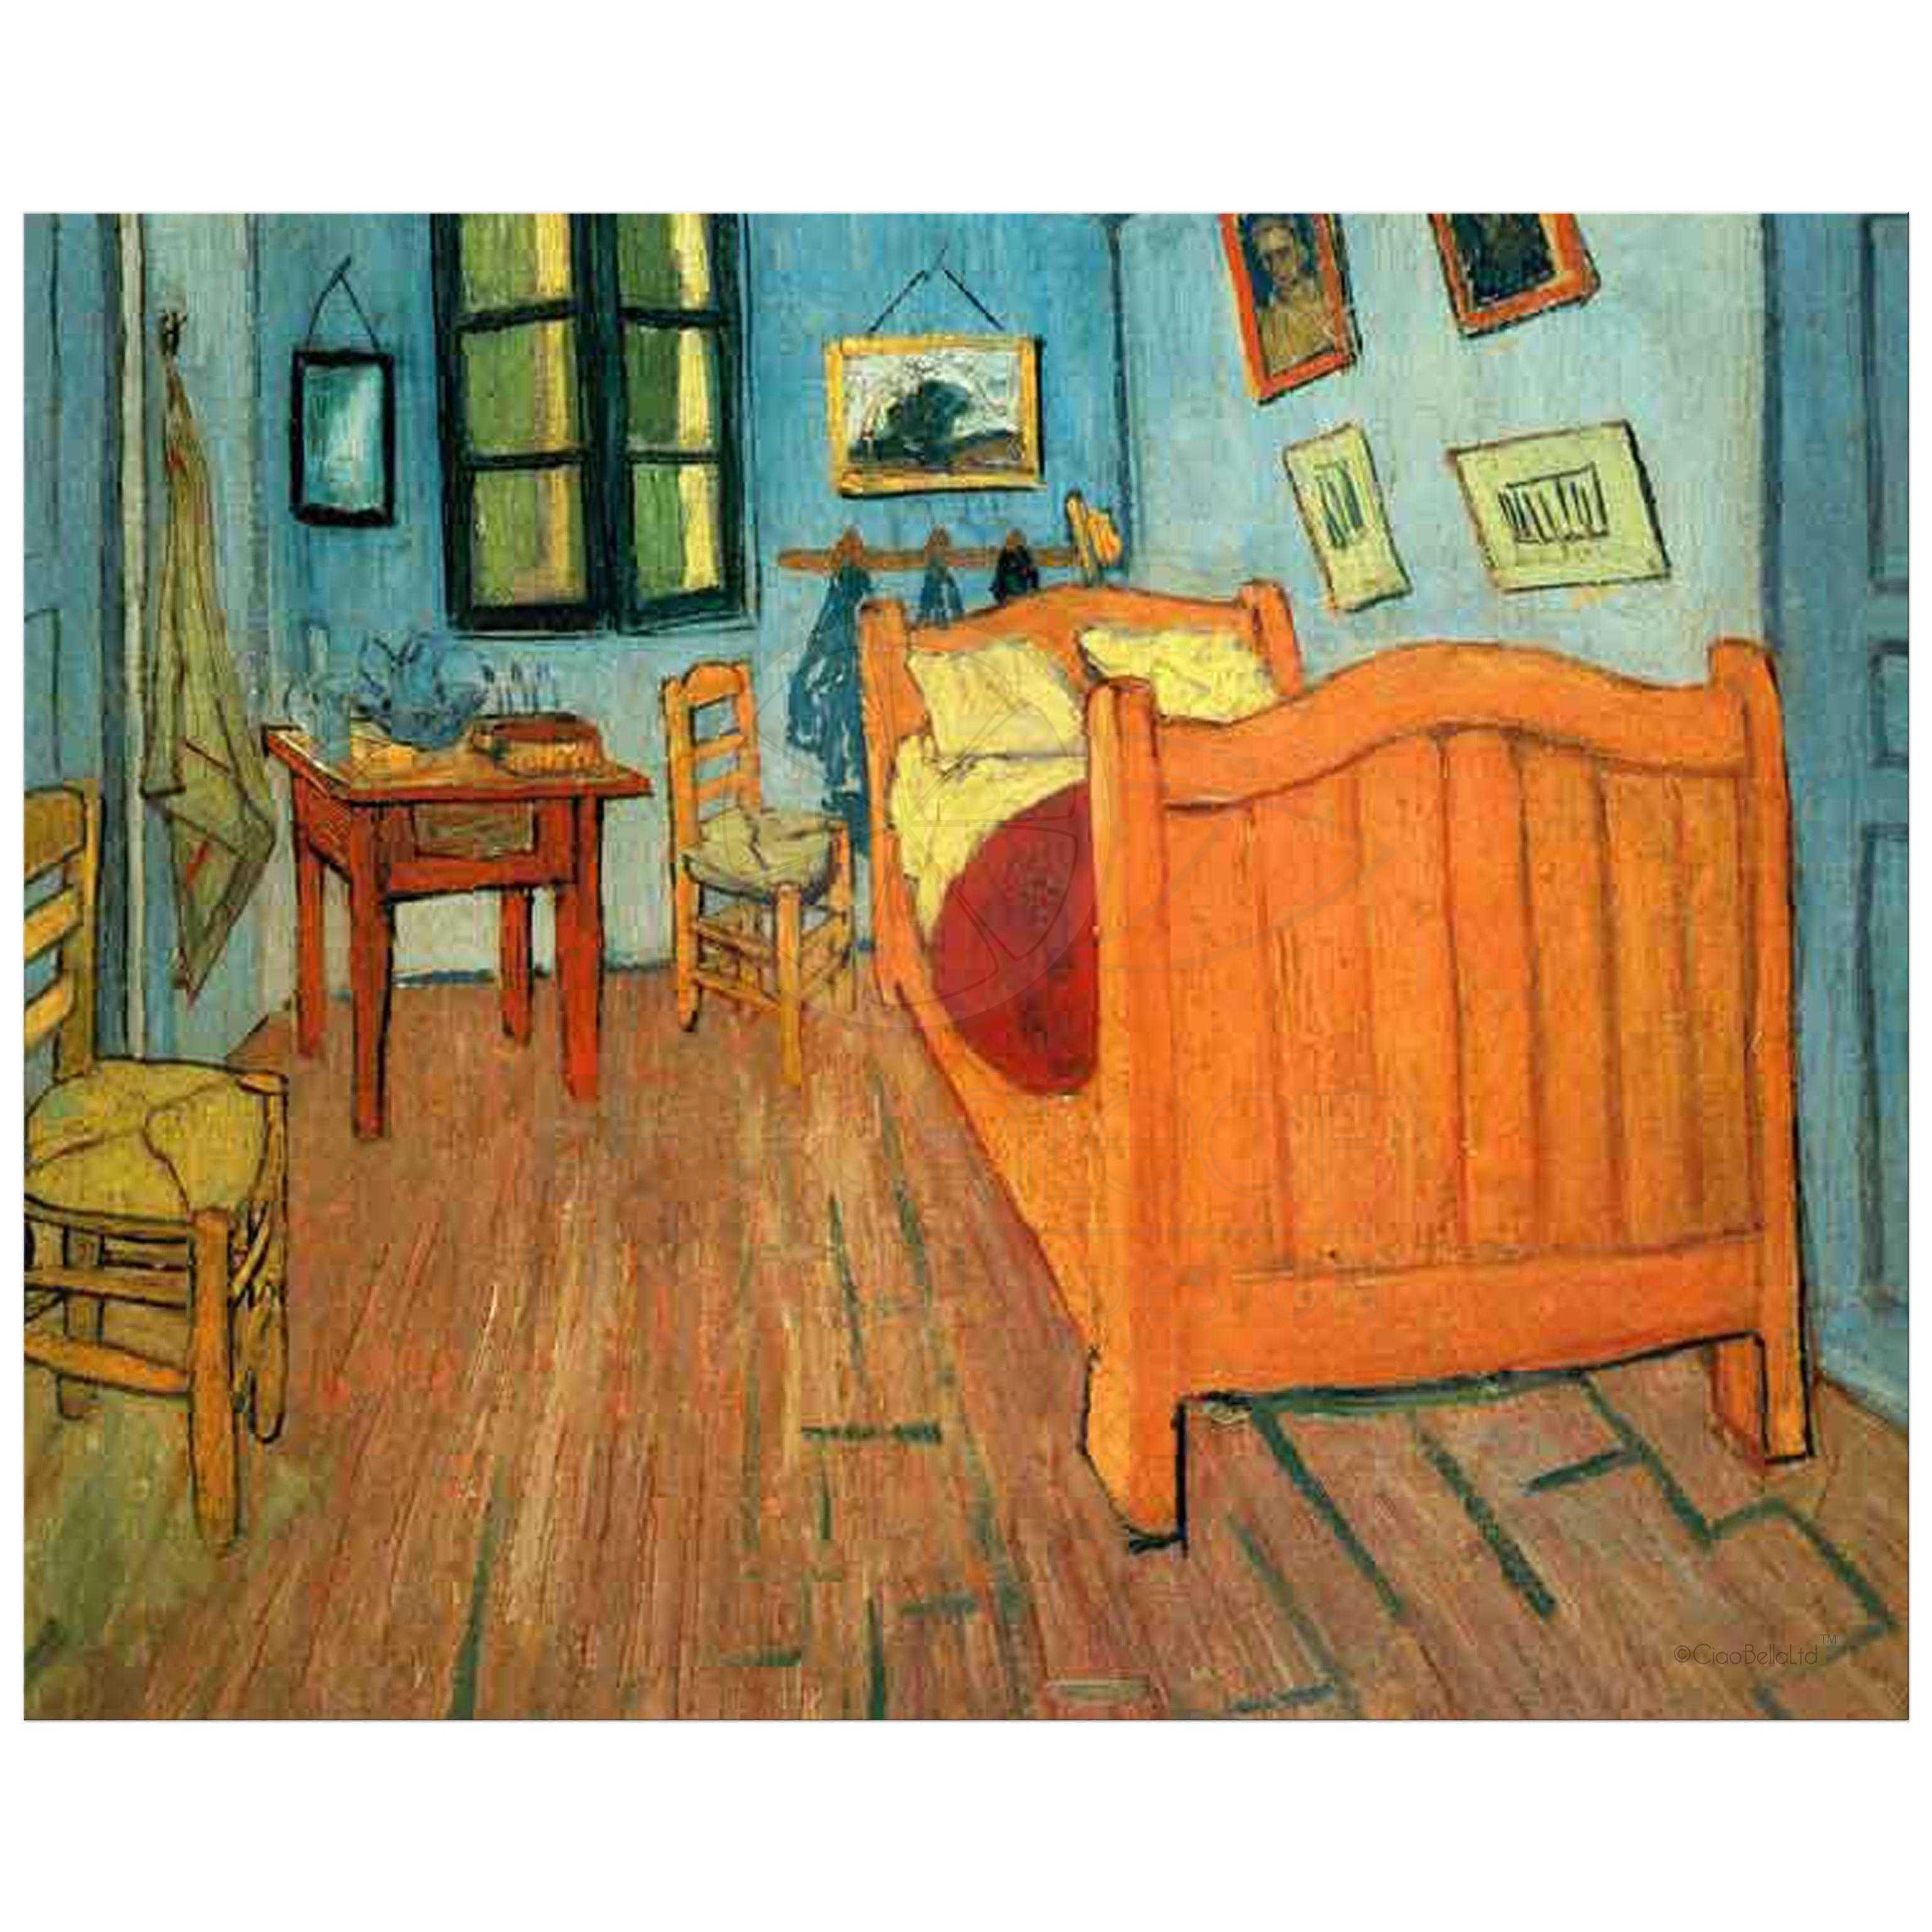 Van Gogh Bedroom In Arles: 8x10 Wall Art Featuring Van Gogh's Bedroom In Arles